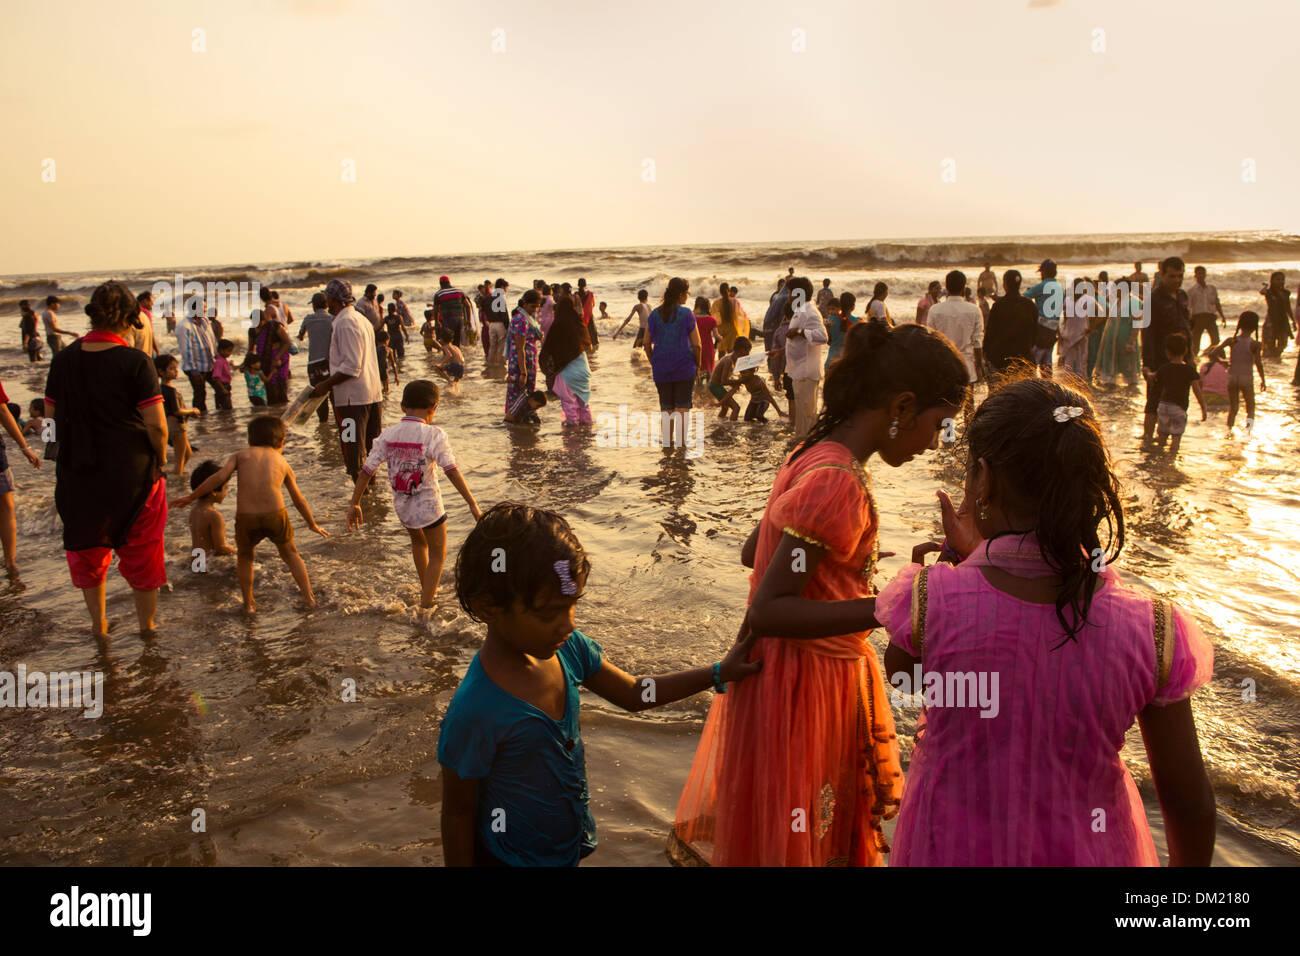 La plage de Juhu - Mumbai (Bombay), Inde Photo Stock